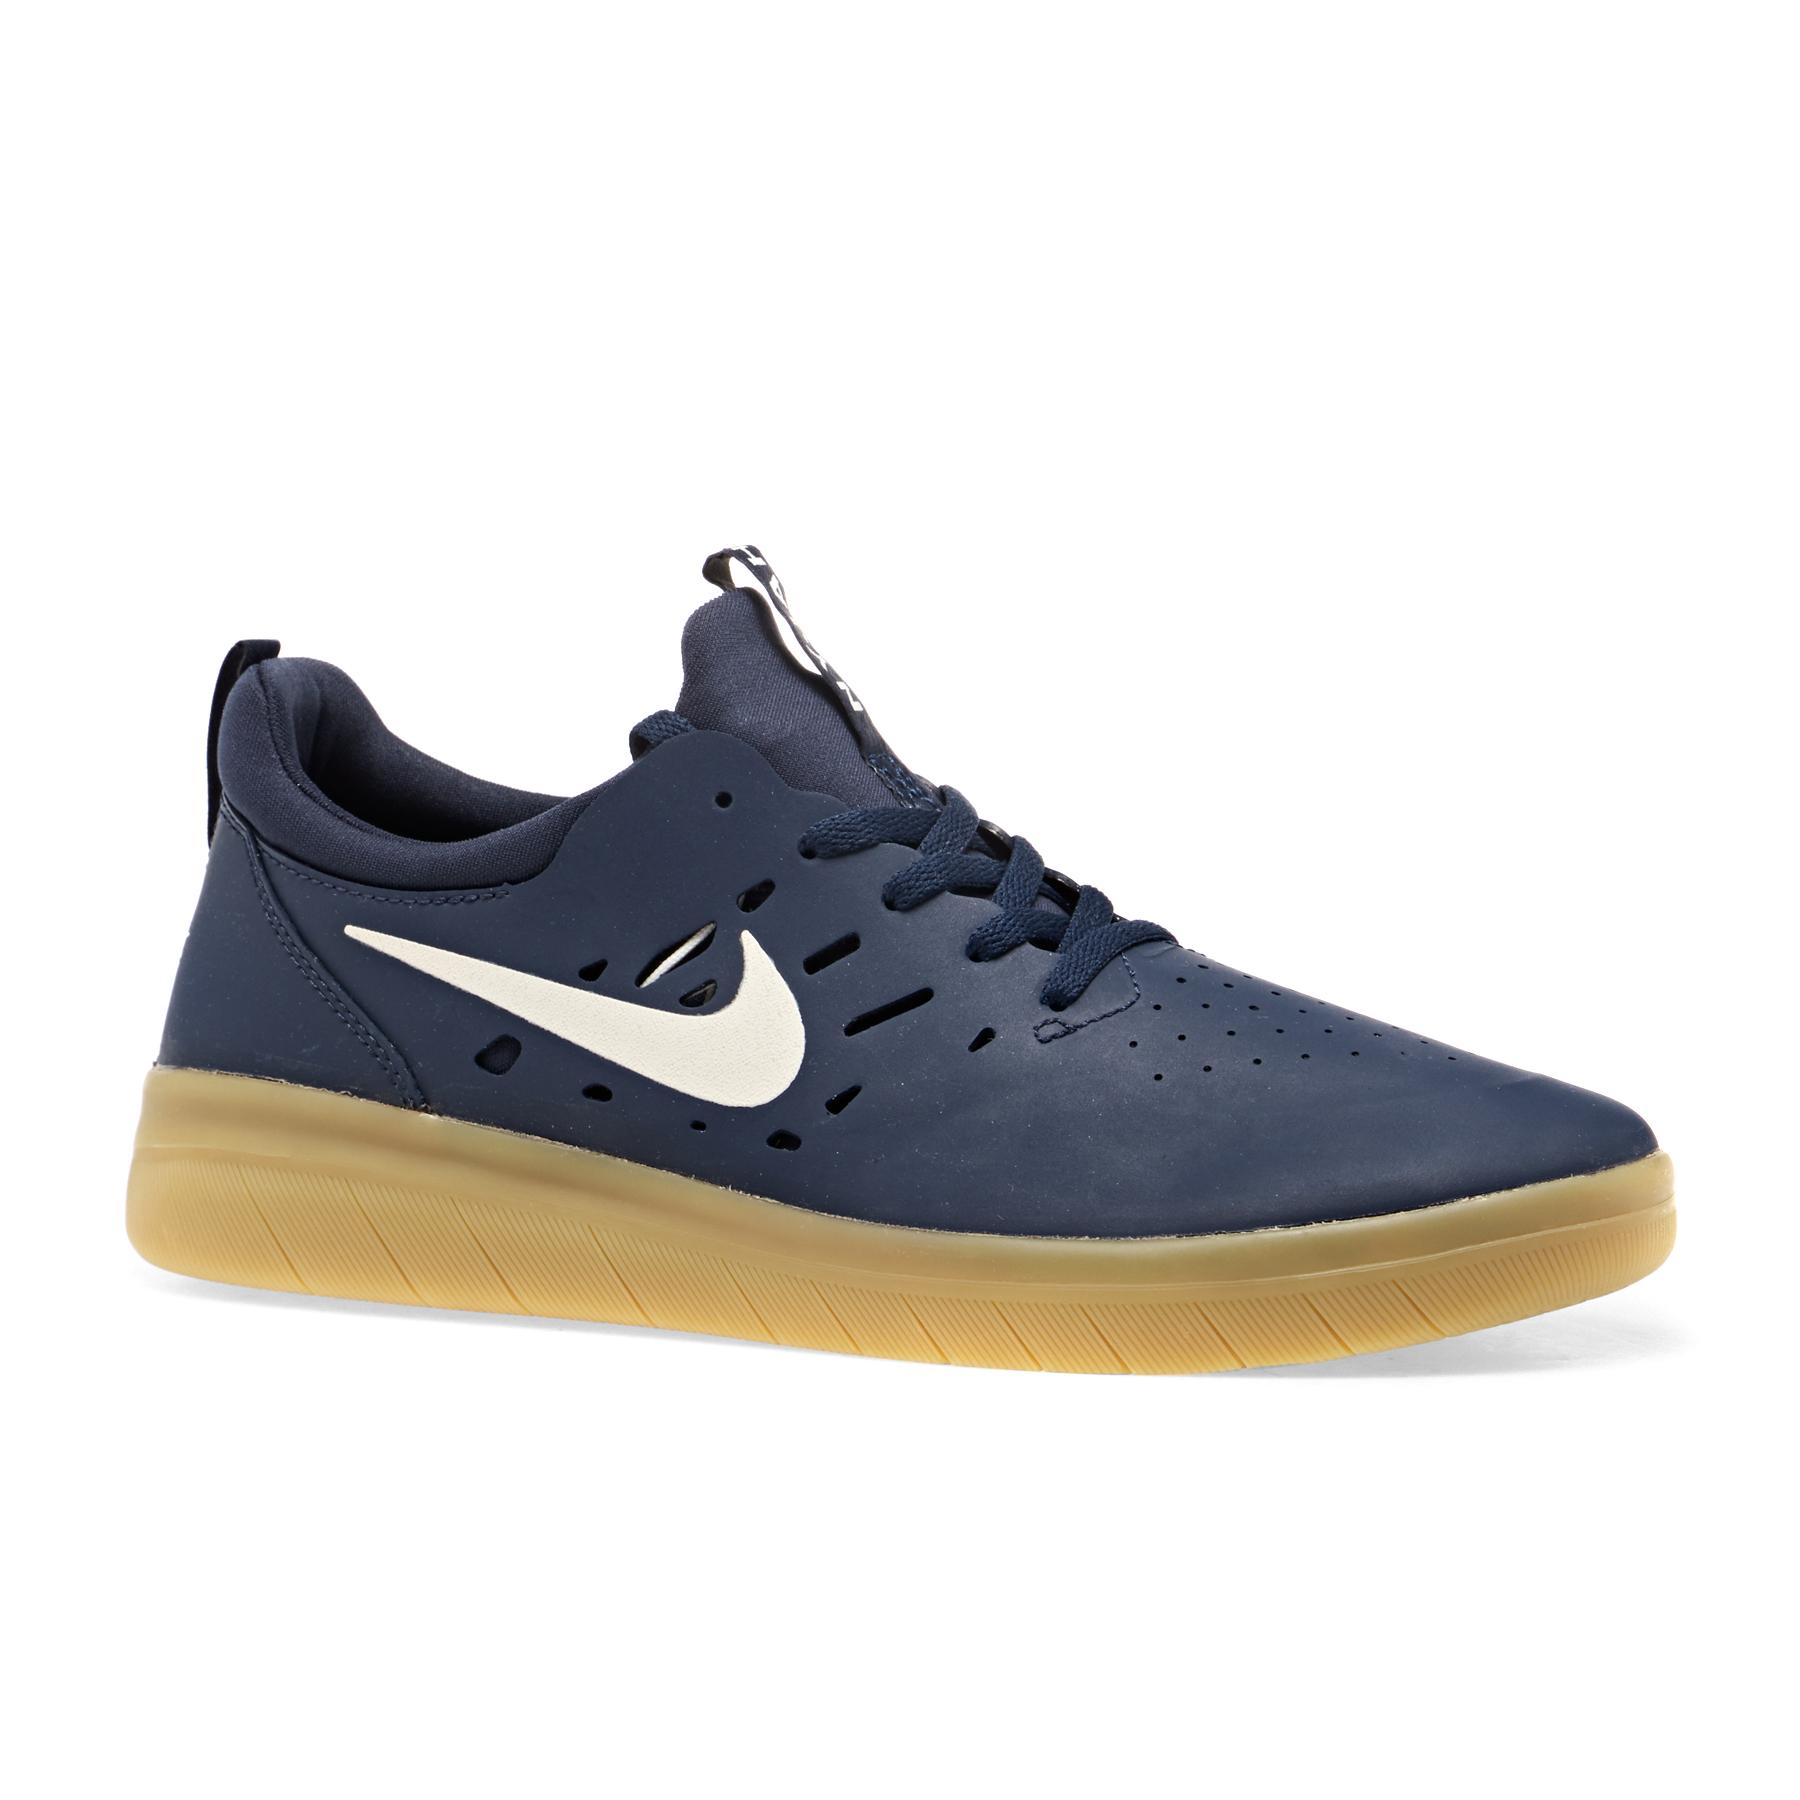 Nike Roupas & Sapatos para Skate Nike | Nike SB Surfdome